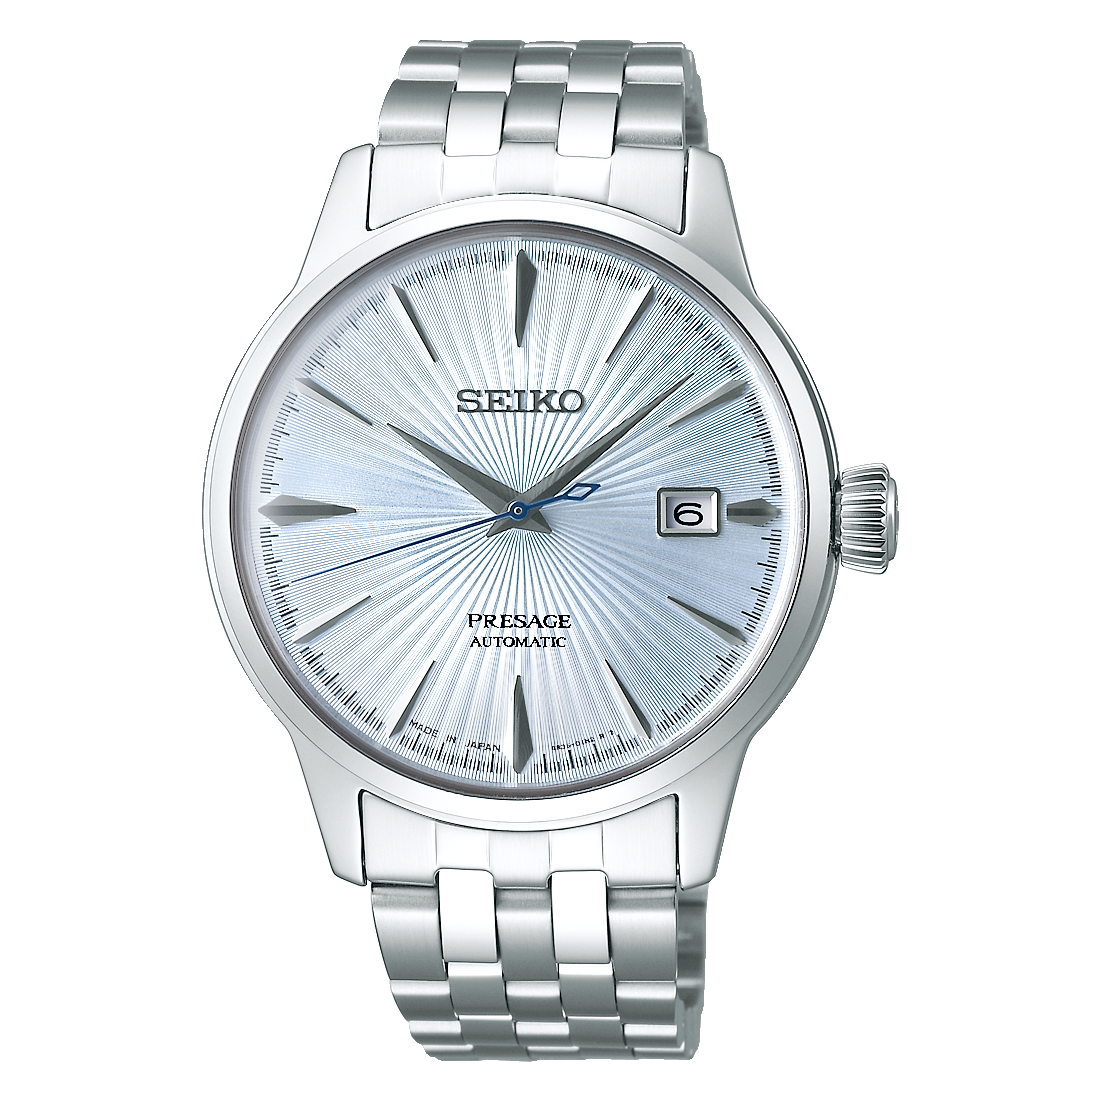 セイコー(SEIKO)プレサージュは男性に人気の腕時計